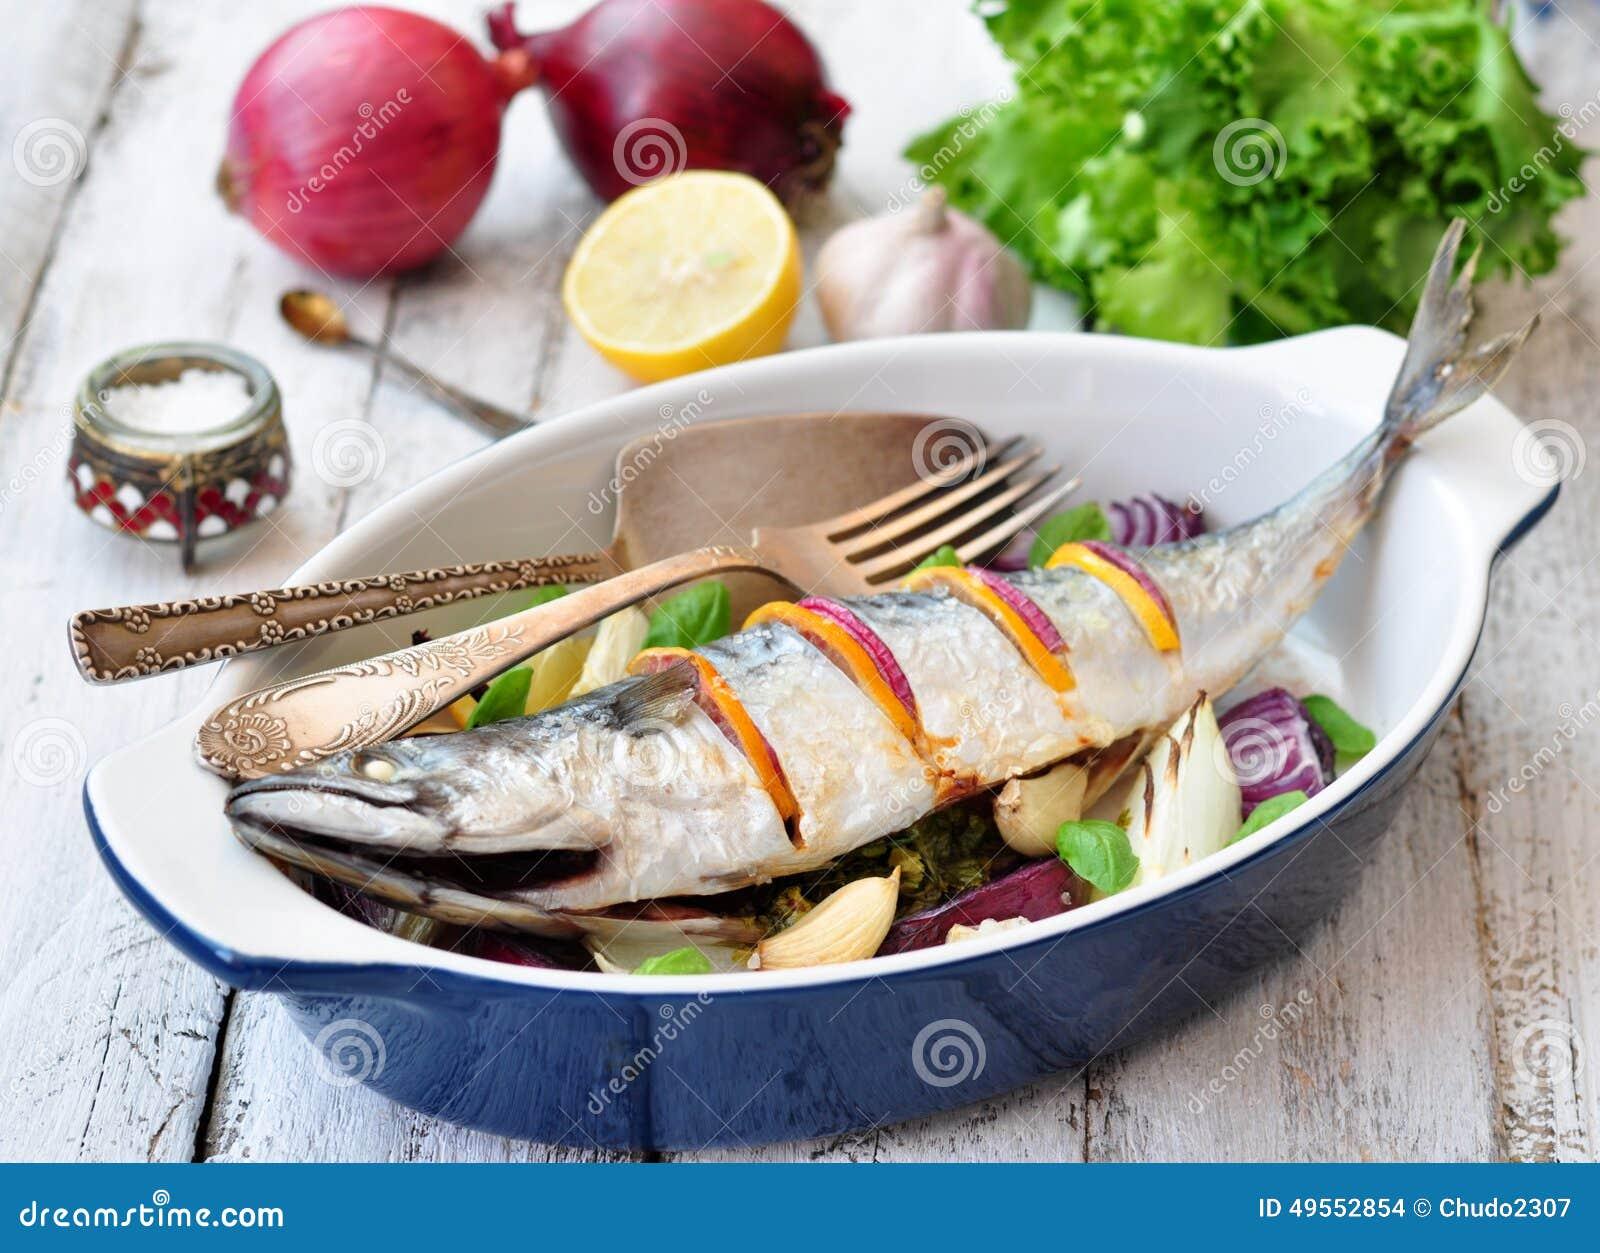 Pesce Fresco Dello Sgombro Al Forno Con Un Limone Un Arco Un Sale